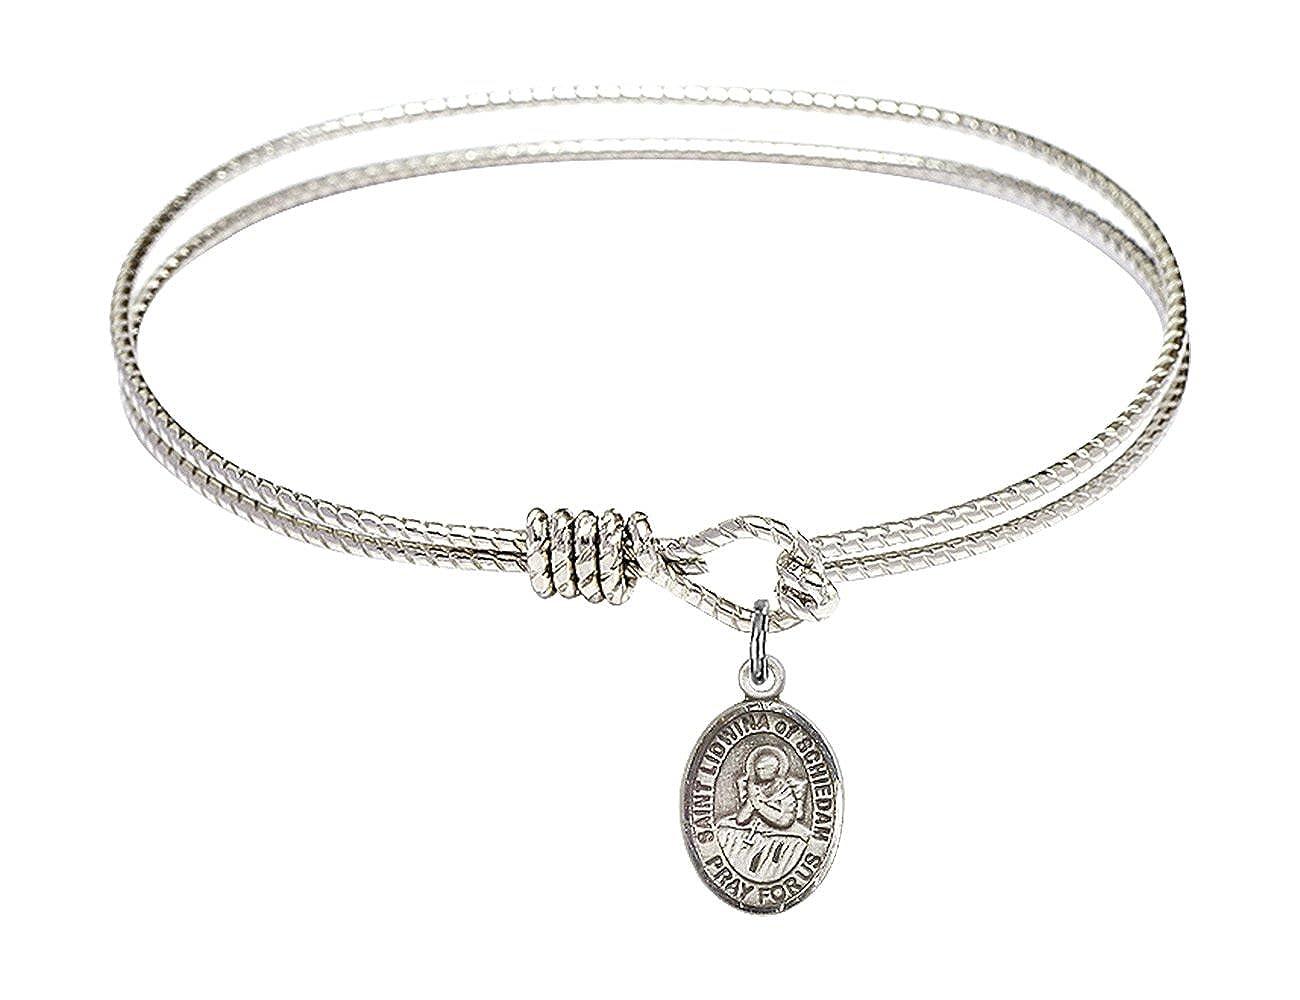 Lidwina of Schiedam in Sterling Silver Bonyak Jewelry Oval Eye Hook Bangle Bracelet w//St